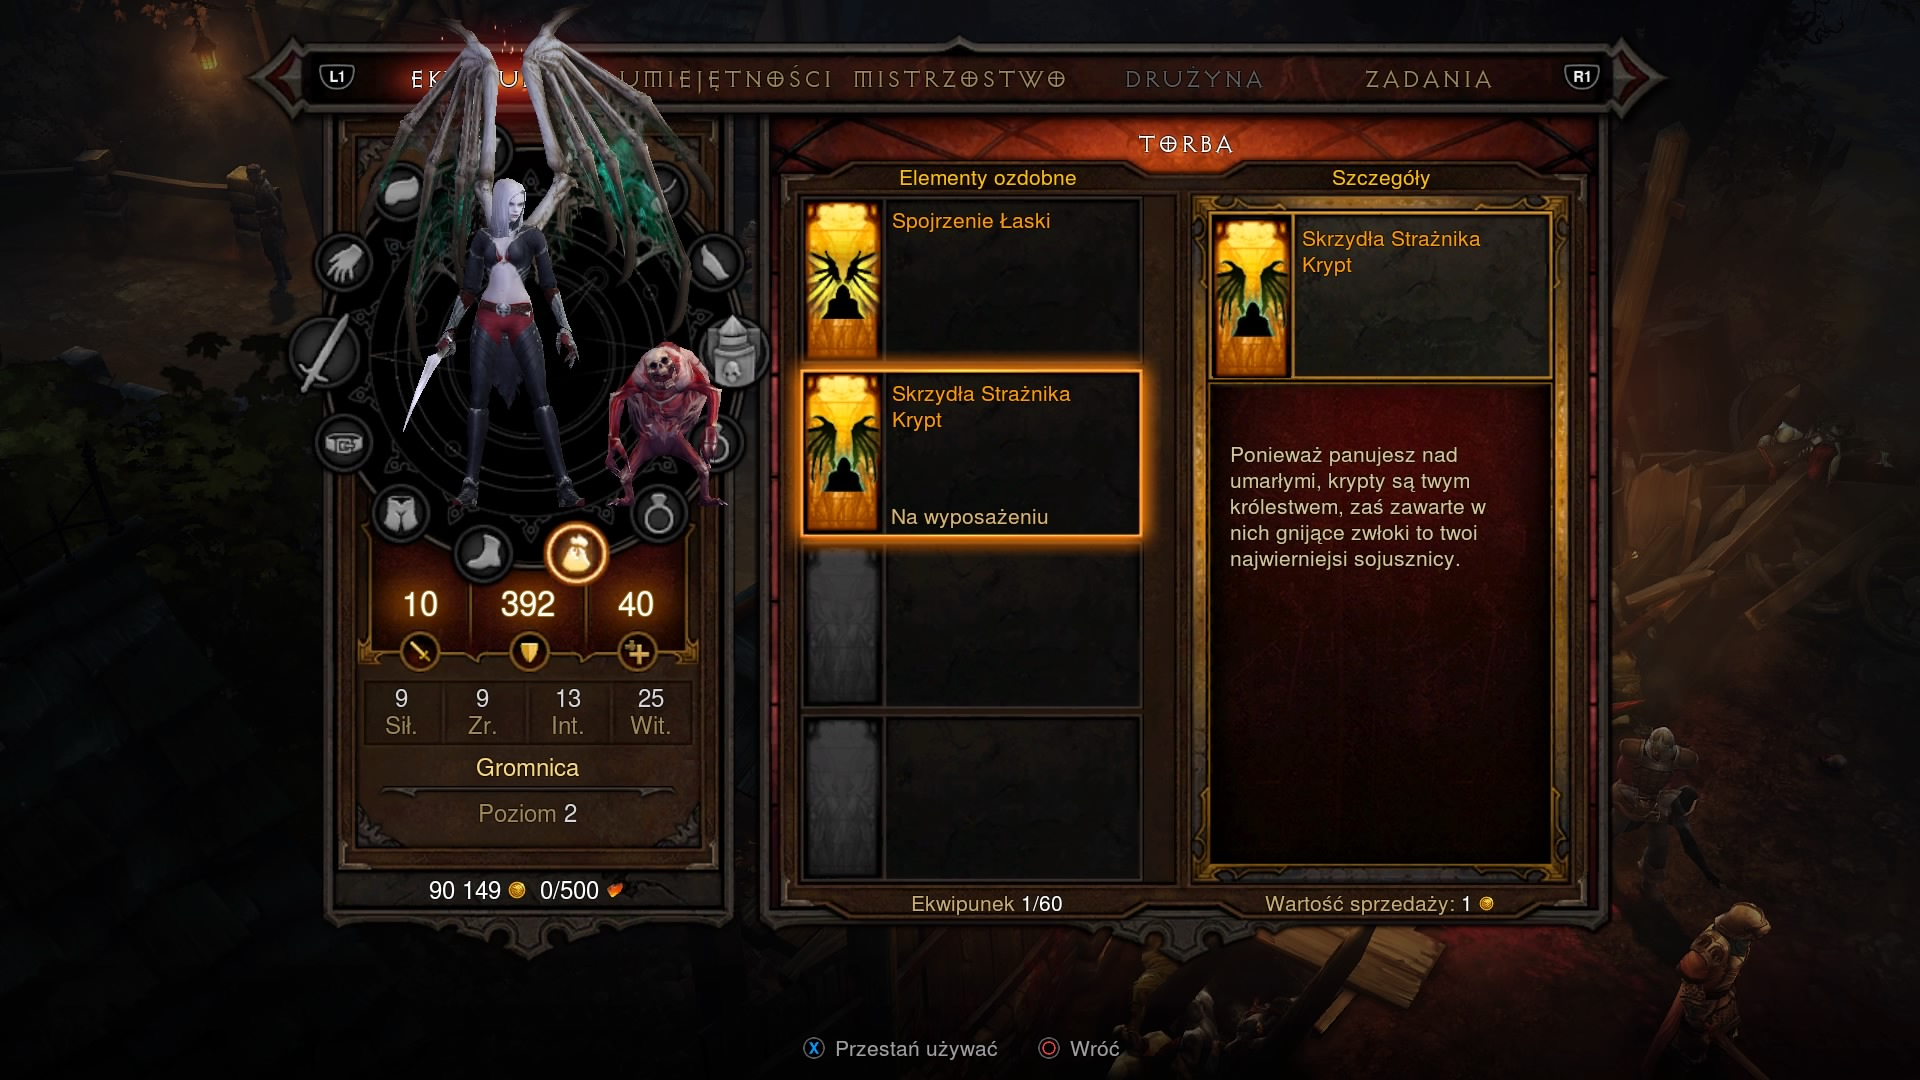 Diablo III: Przebudzenie Nekromantów - elementy ozdobne